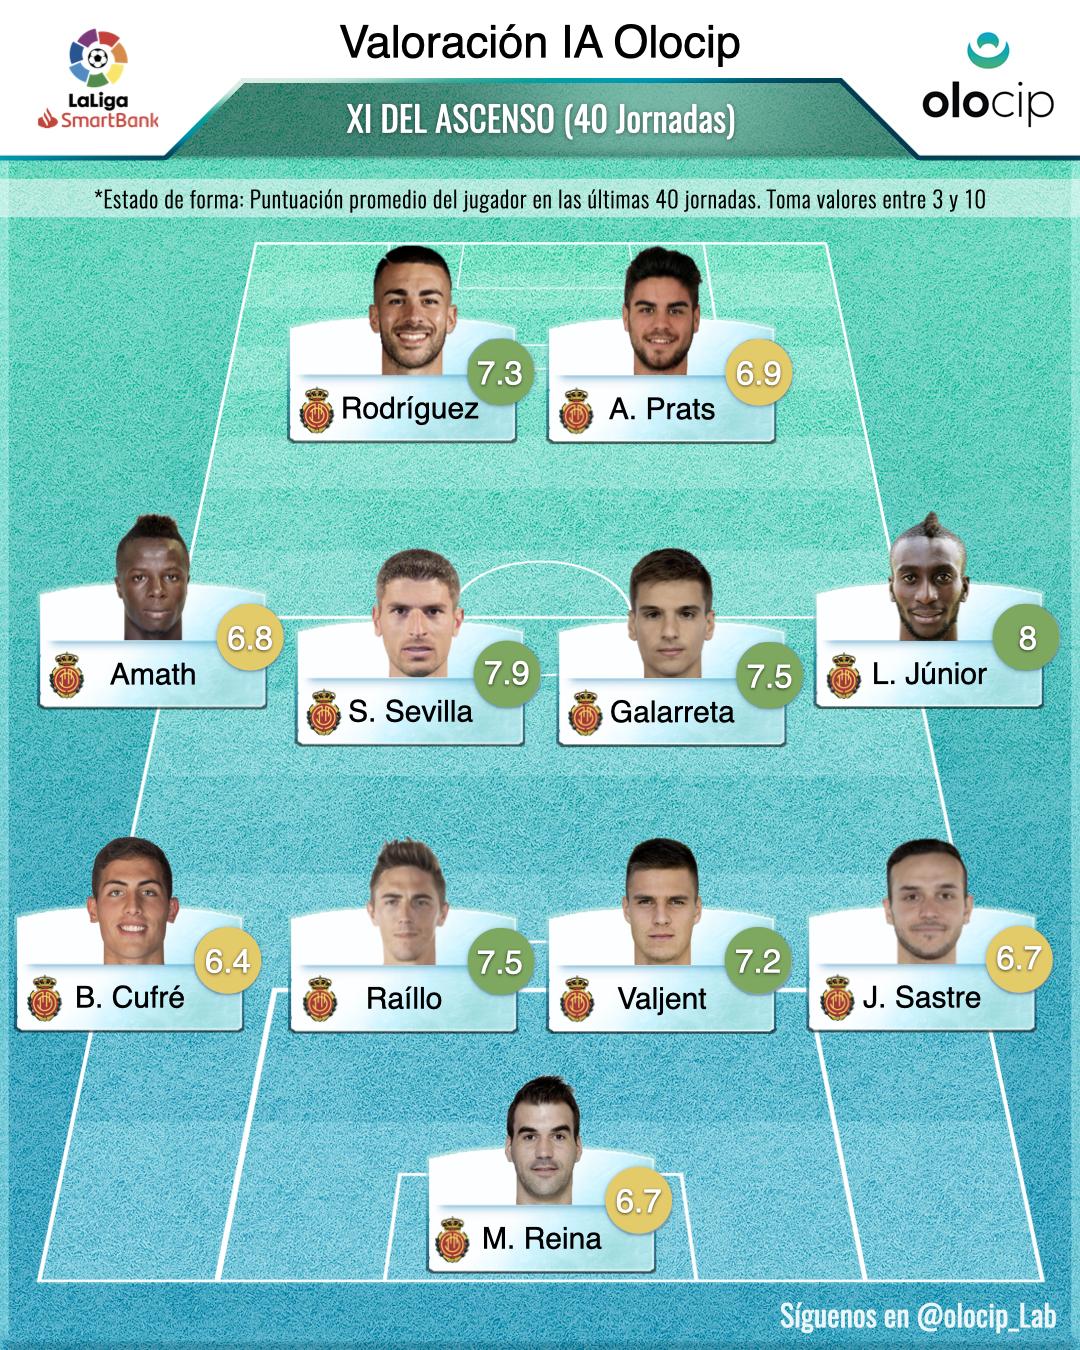 *Alineación de los mejores jugadores del Mallorca hasta la jornada 40